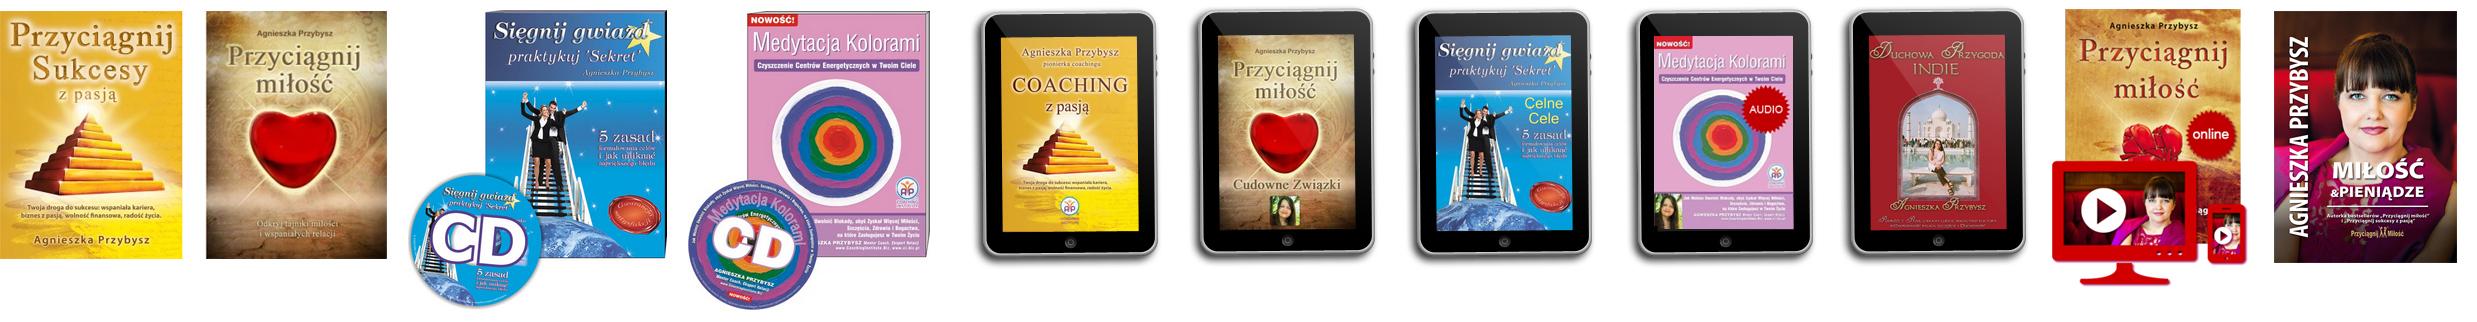 publikacje-Agnieszka-Przybysz (2)